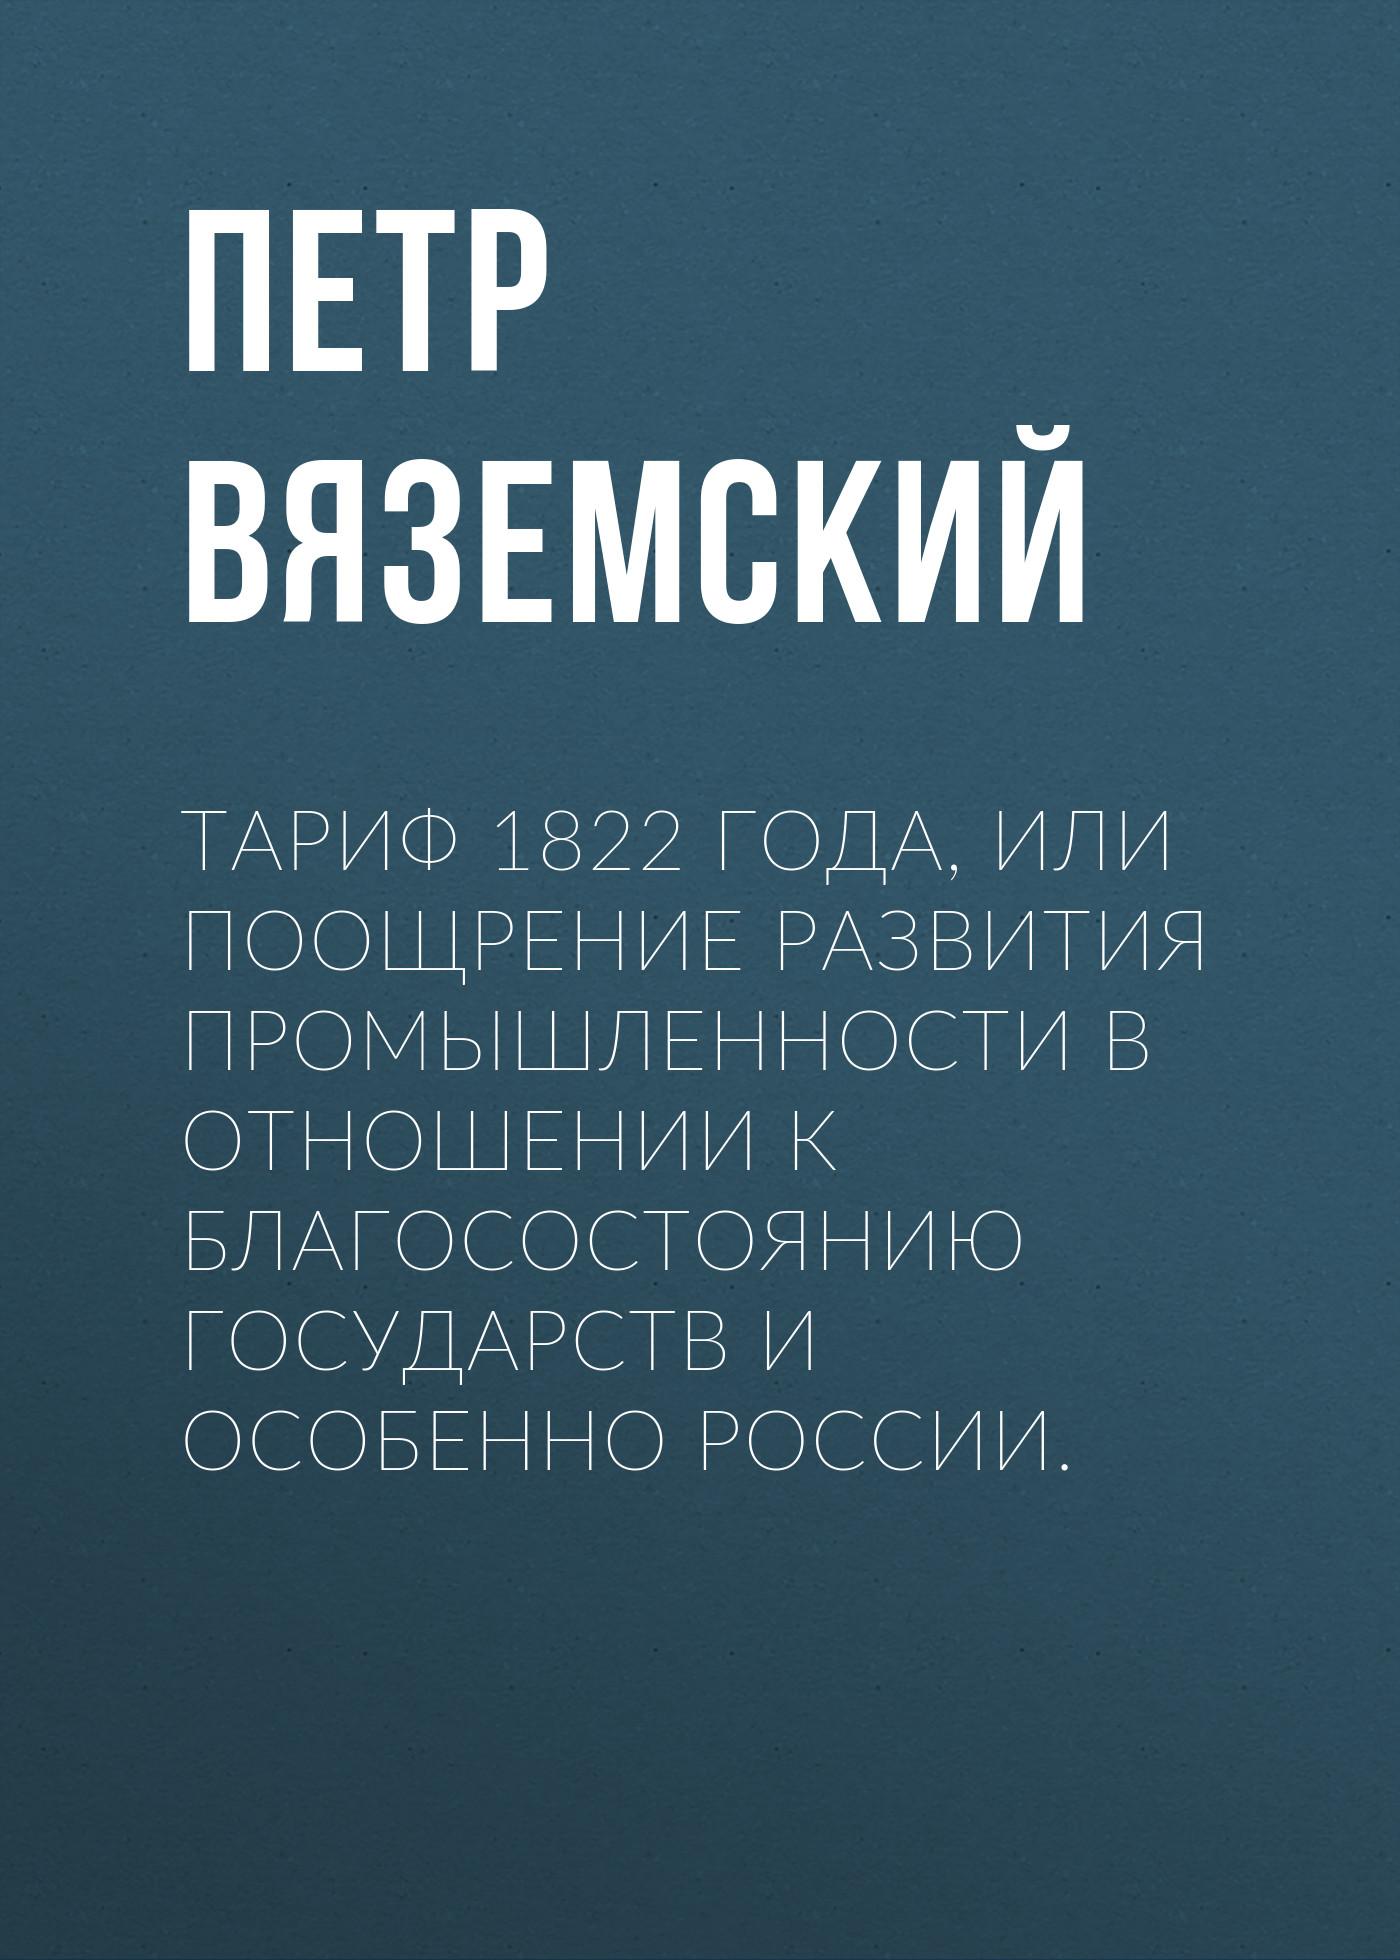 Тариф 1822 года, или Поощрение развития промышленности в отношении к благосостоянию государств и особенно России – Петр Вяземский